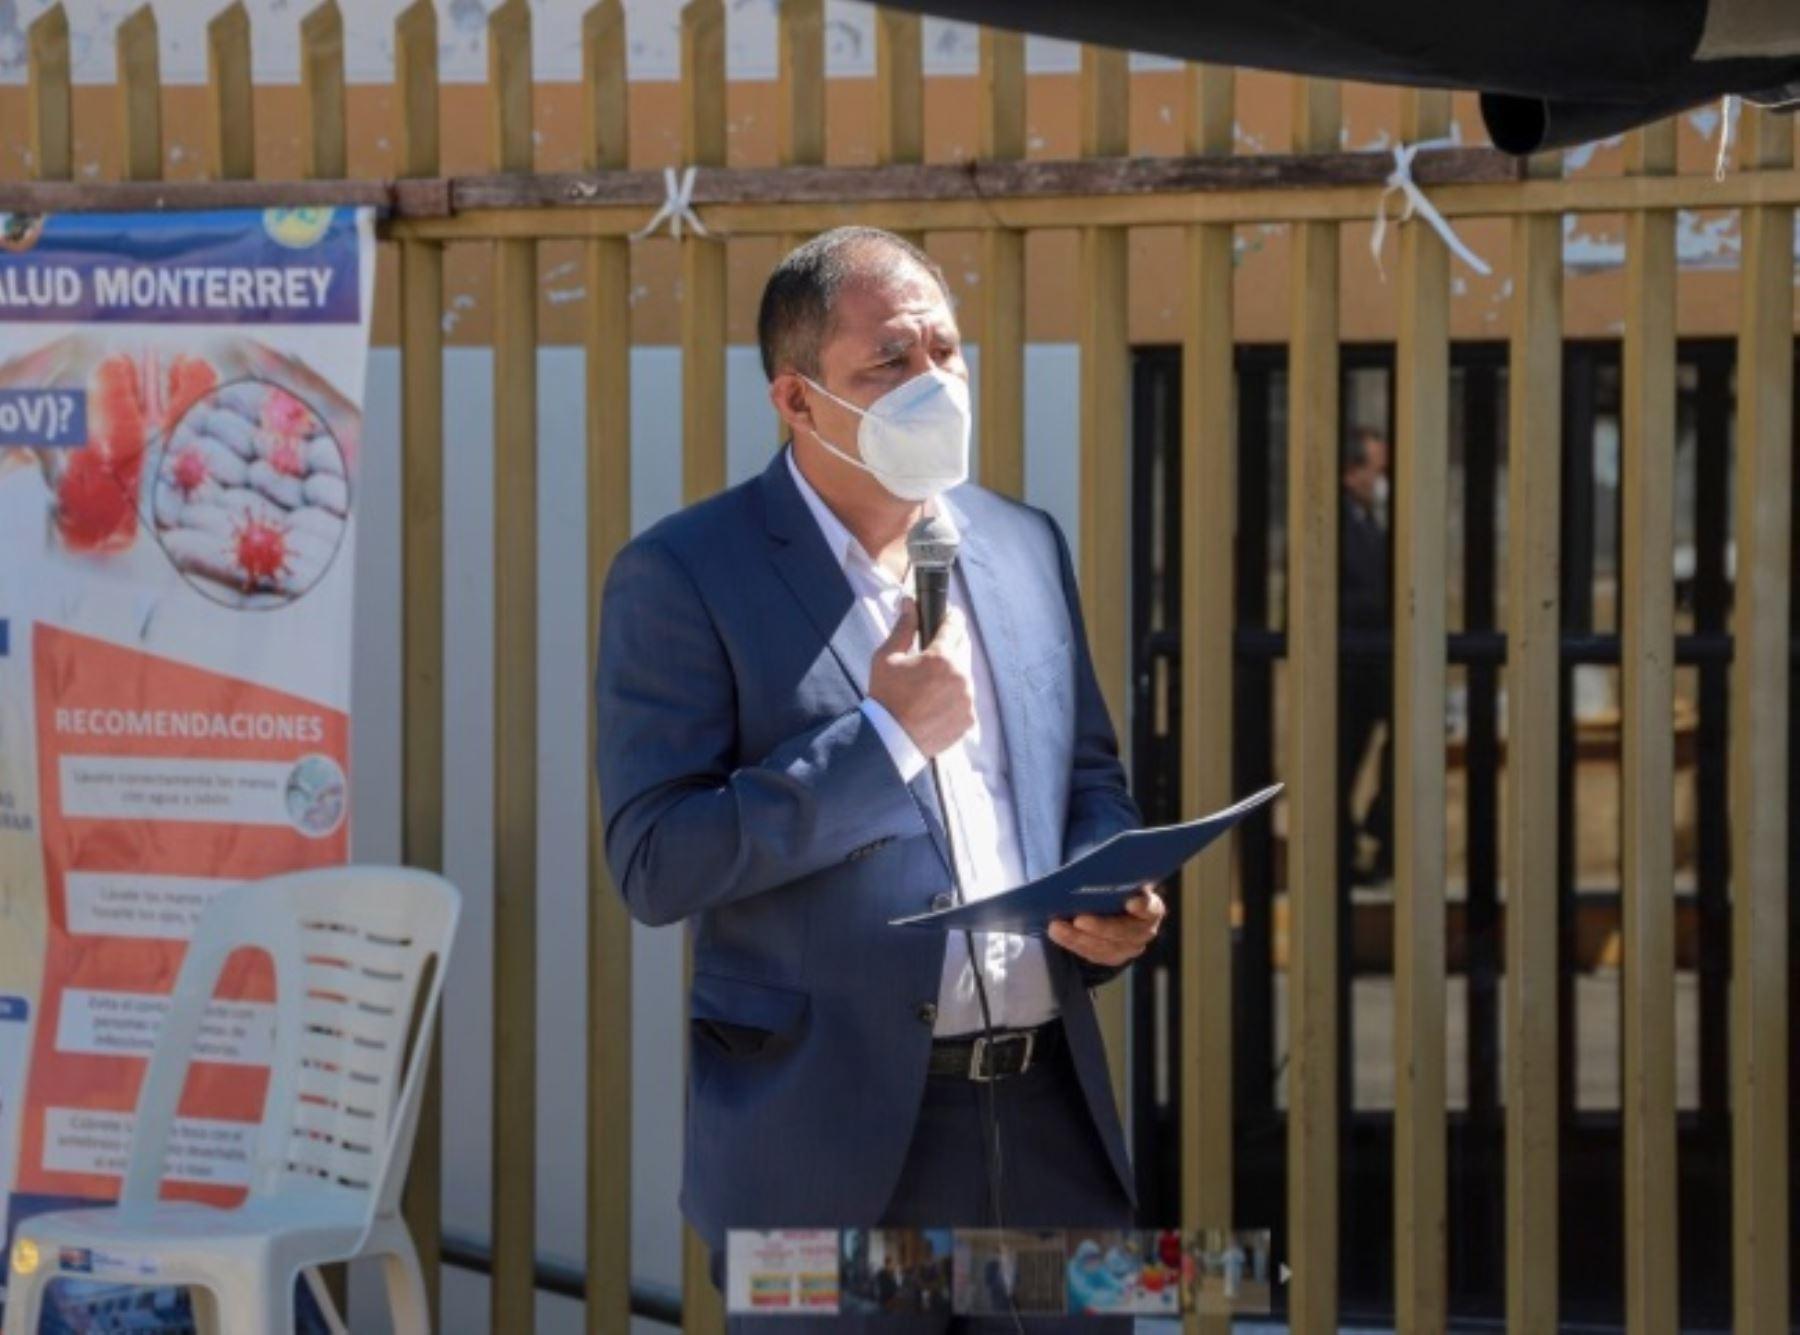 El gobernador regional de Áncash, Juan Carlos Morillo Ulloa, invocó hoy a la población ancashina a ser responsables y respetar la medida de distanciamiento social recomendada por las autoridades sanitarias para frenar el avance del nuevo coronavirus.